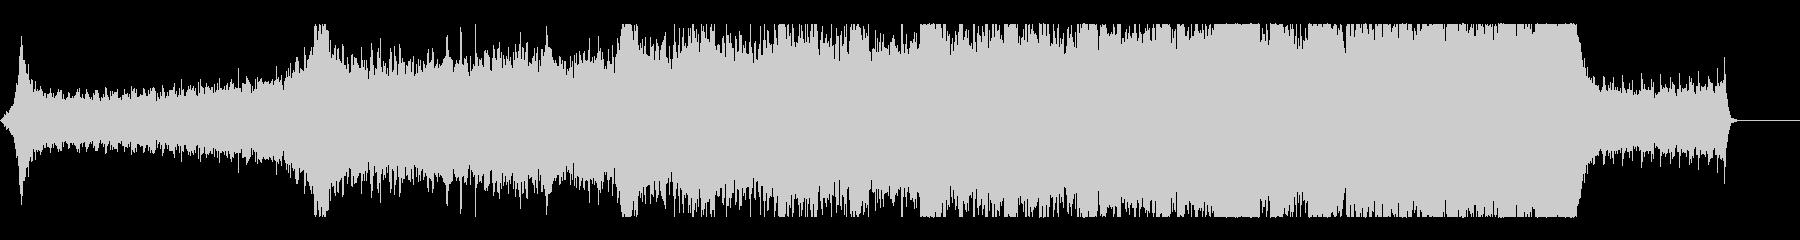 和風劇版/壮大な大河ドラマ風オーケストラの未再生の波形